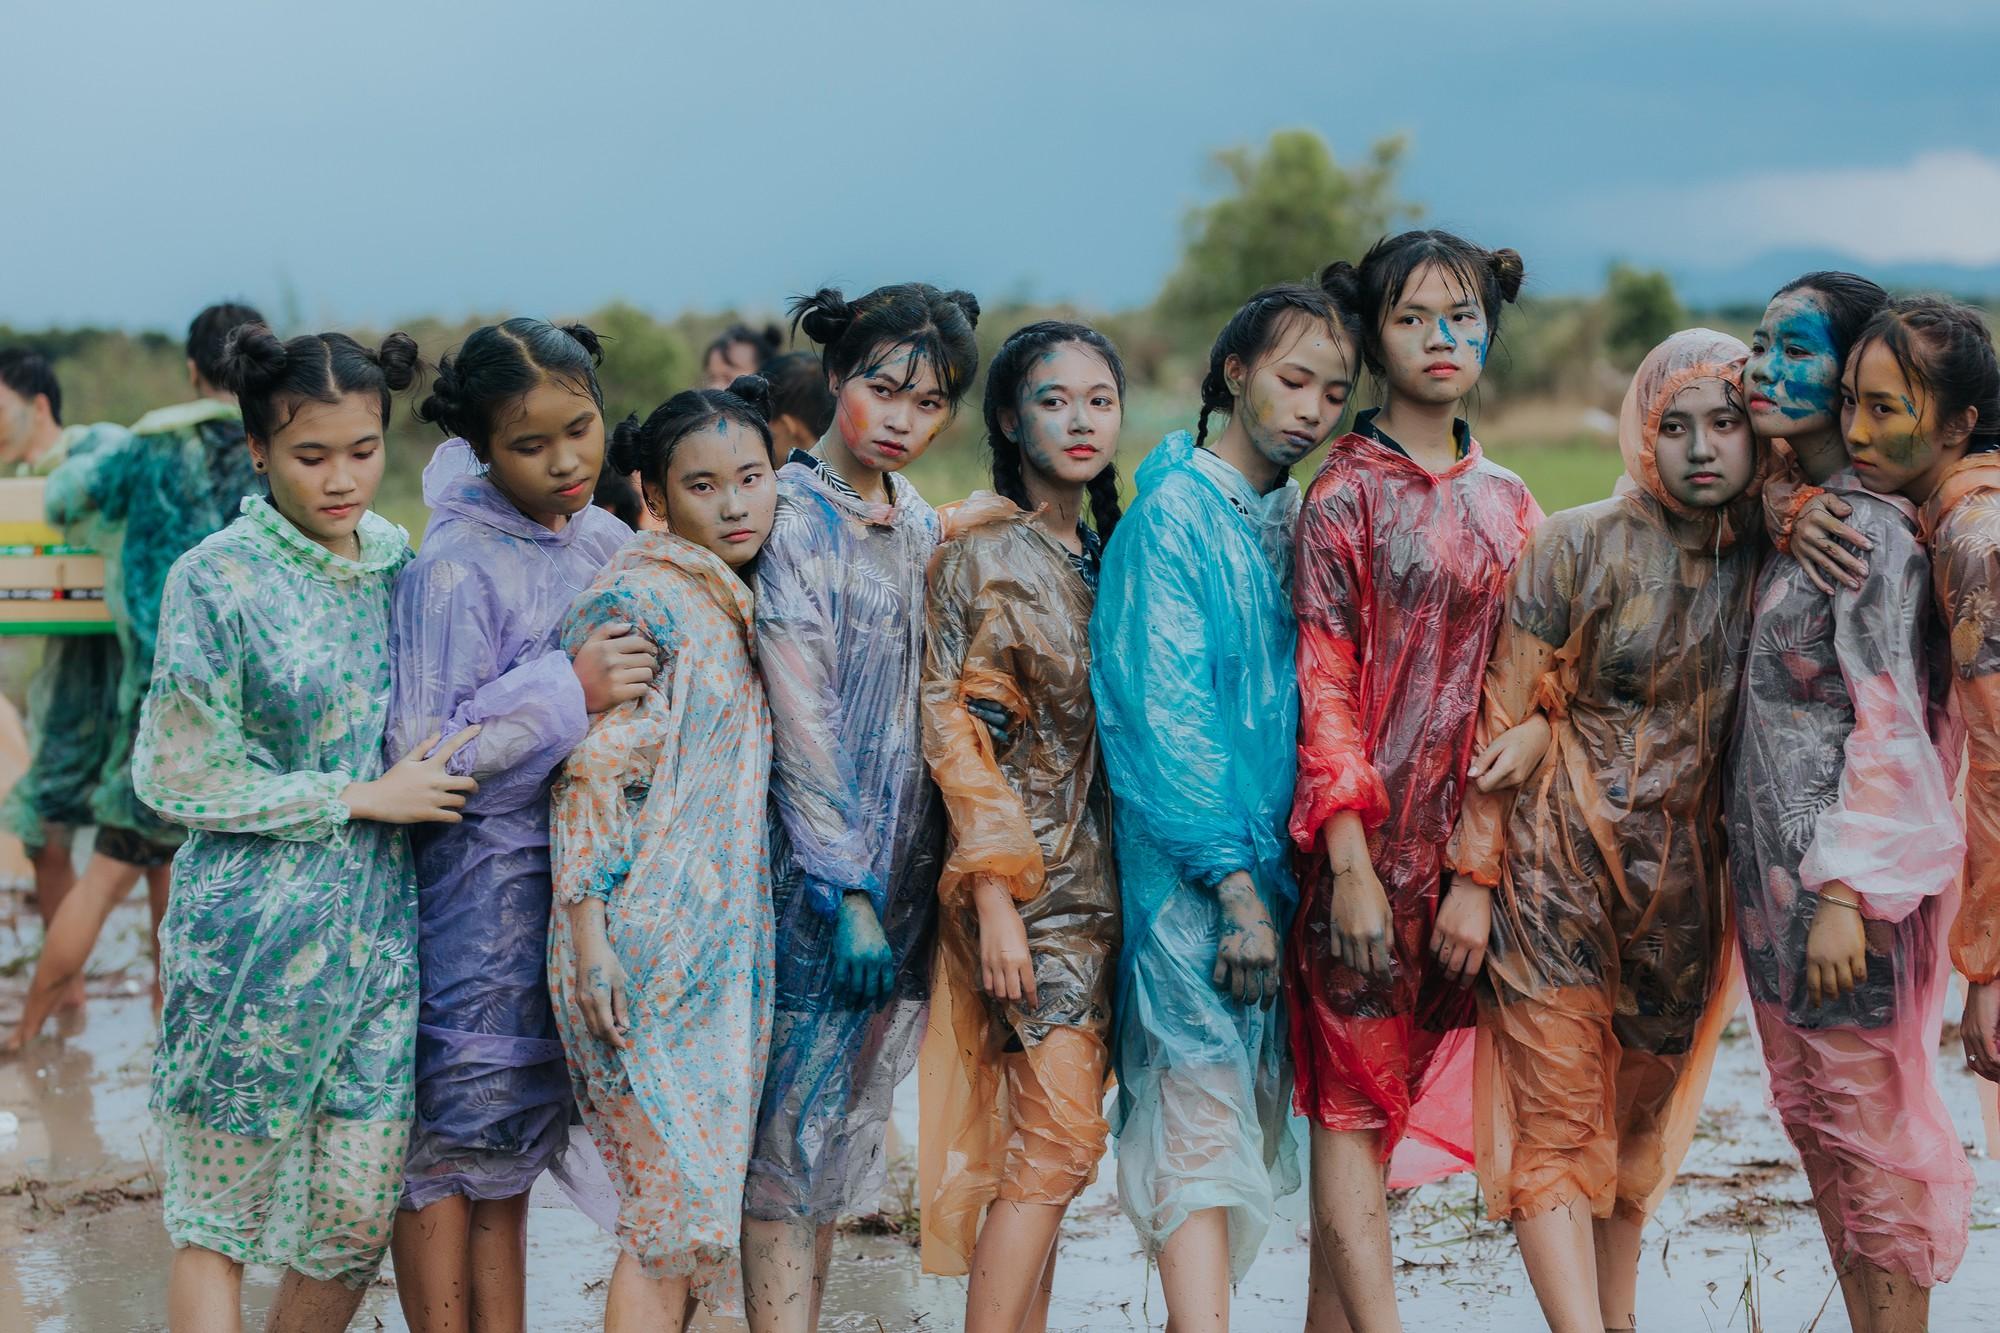 Quậy cùng nhau trên ruộng lúa, bộ kỷ yếu của lớp học này chứng minh: Cần gì tốn nhiều tiền, đơn giản nhưng vui là được! - Ảnh 4.